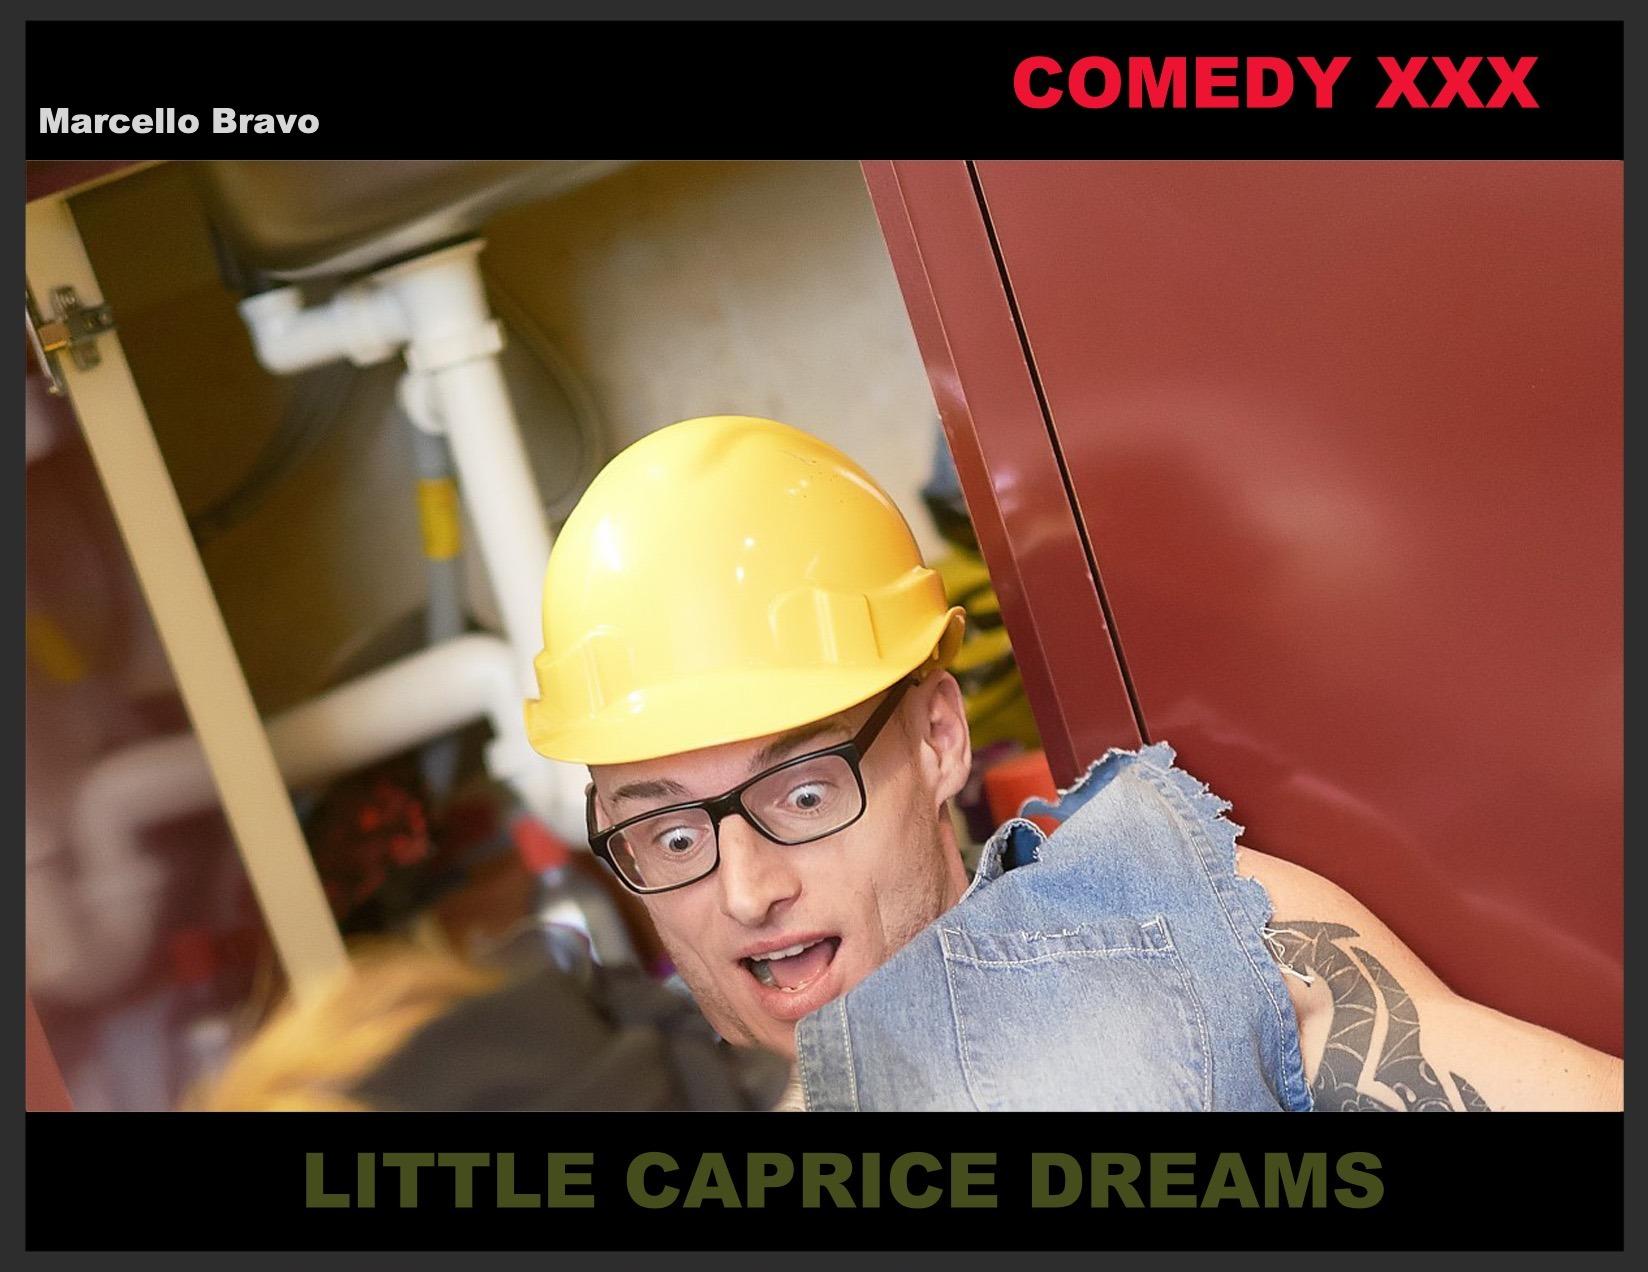 comedy porn, Little Caprice, Marcello Bravo